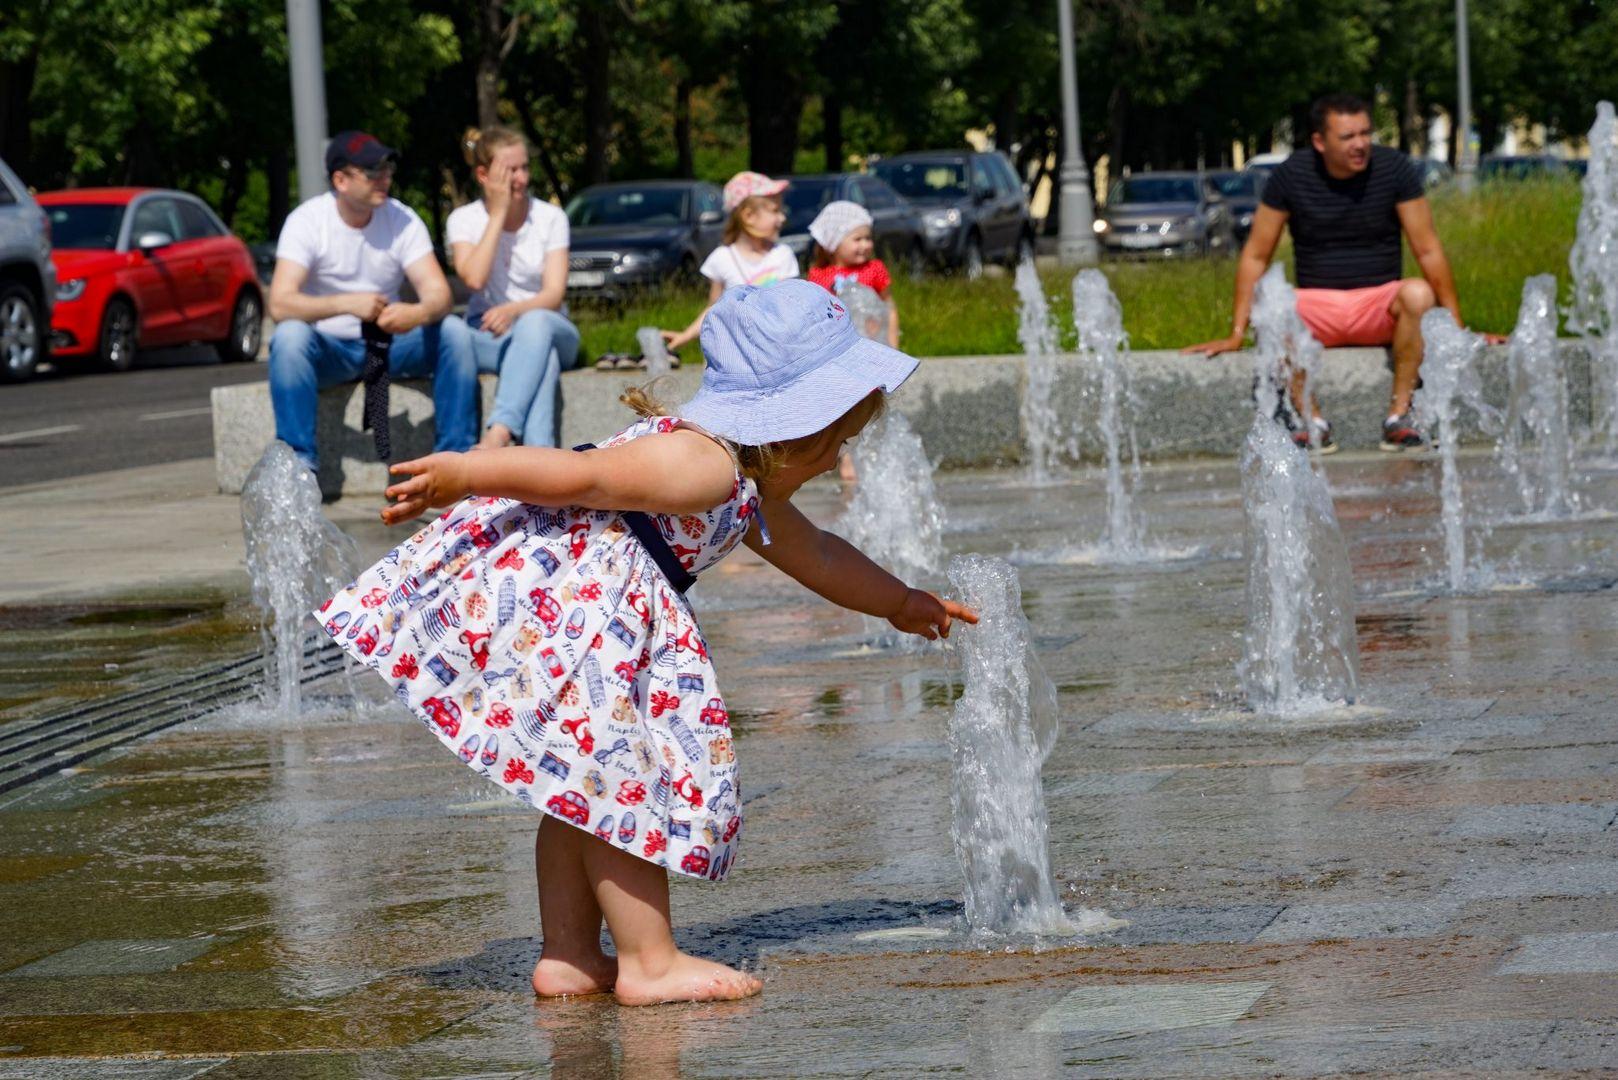 погода в Москве лето в Москве жара